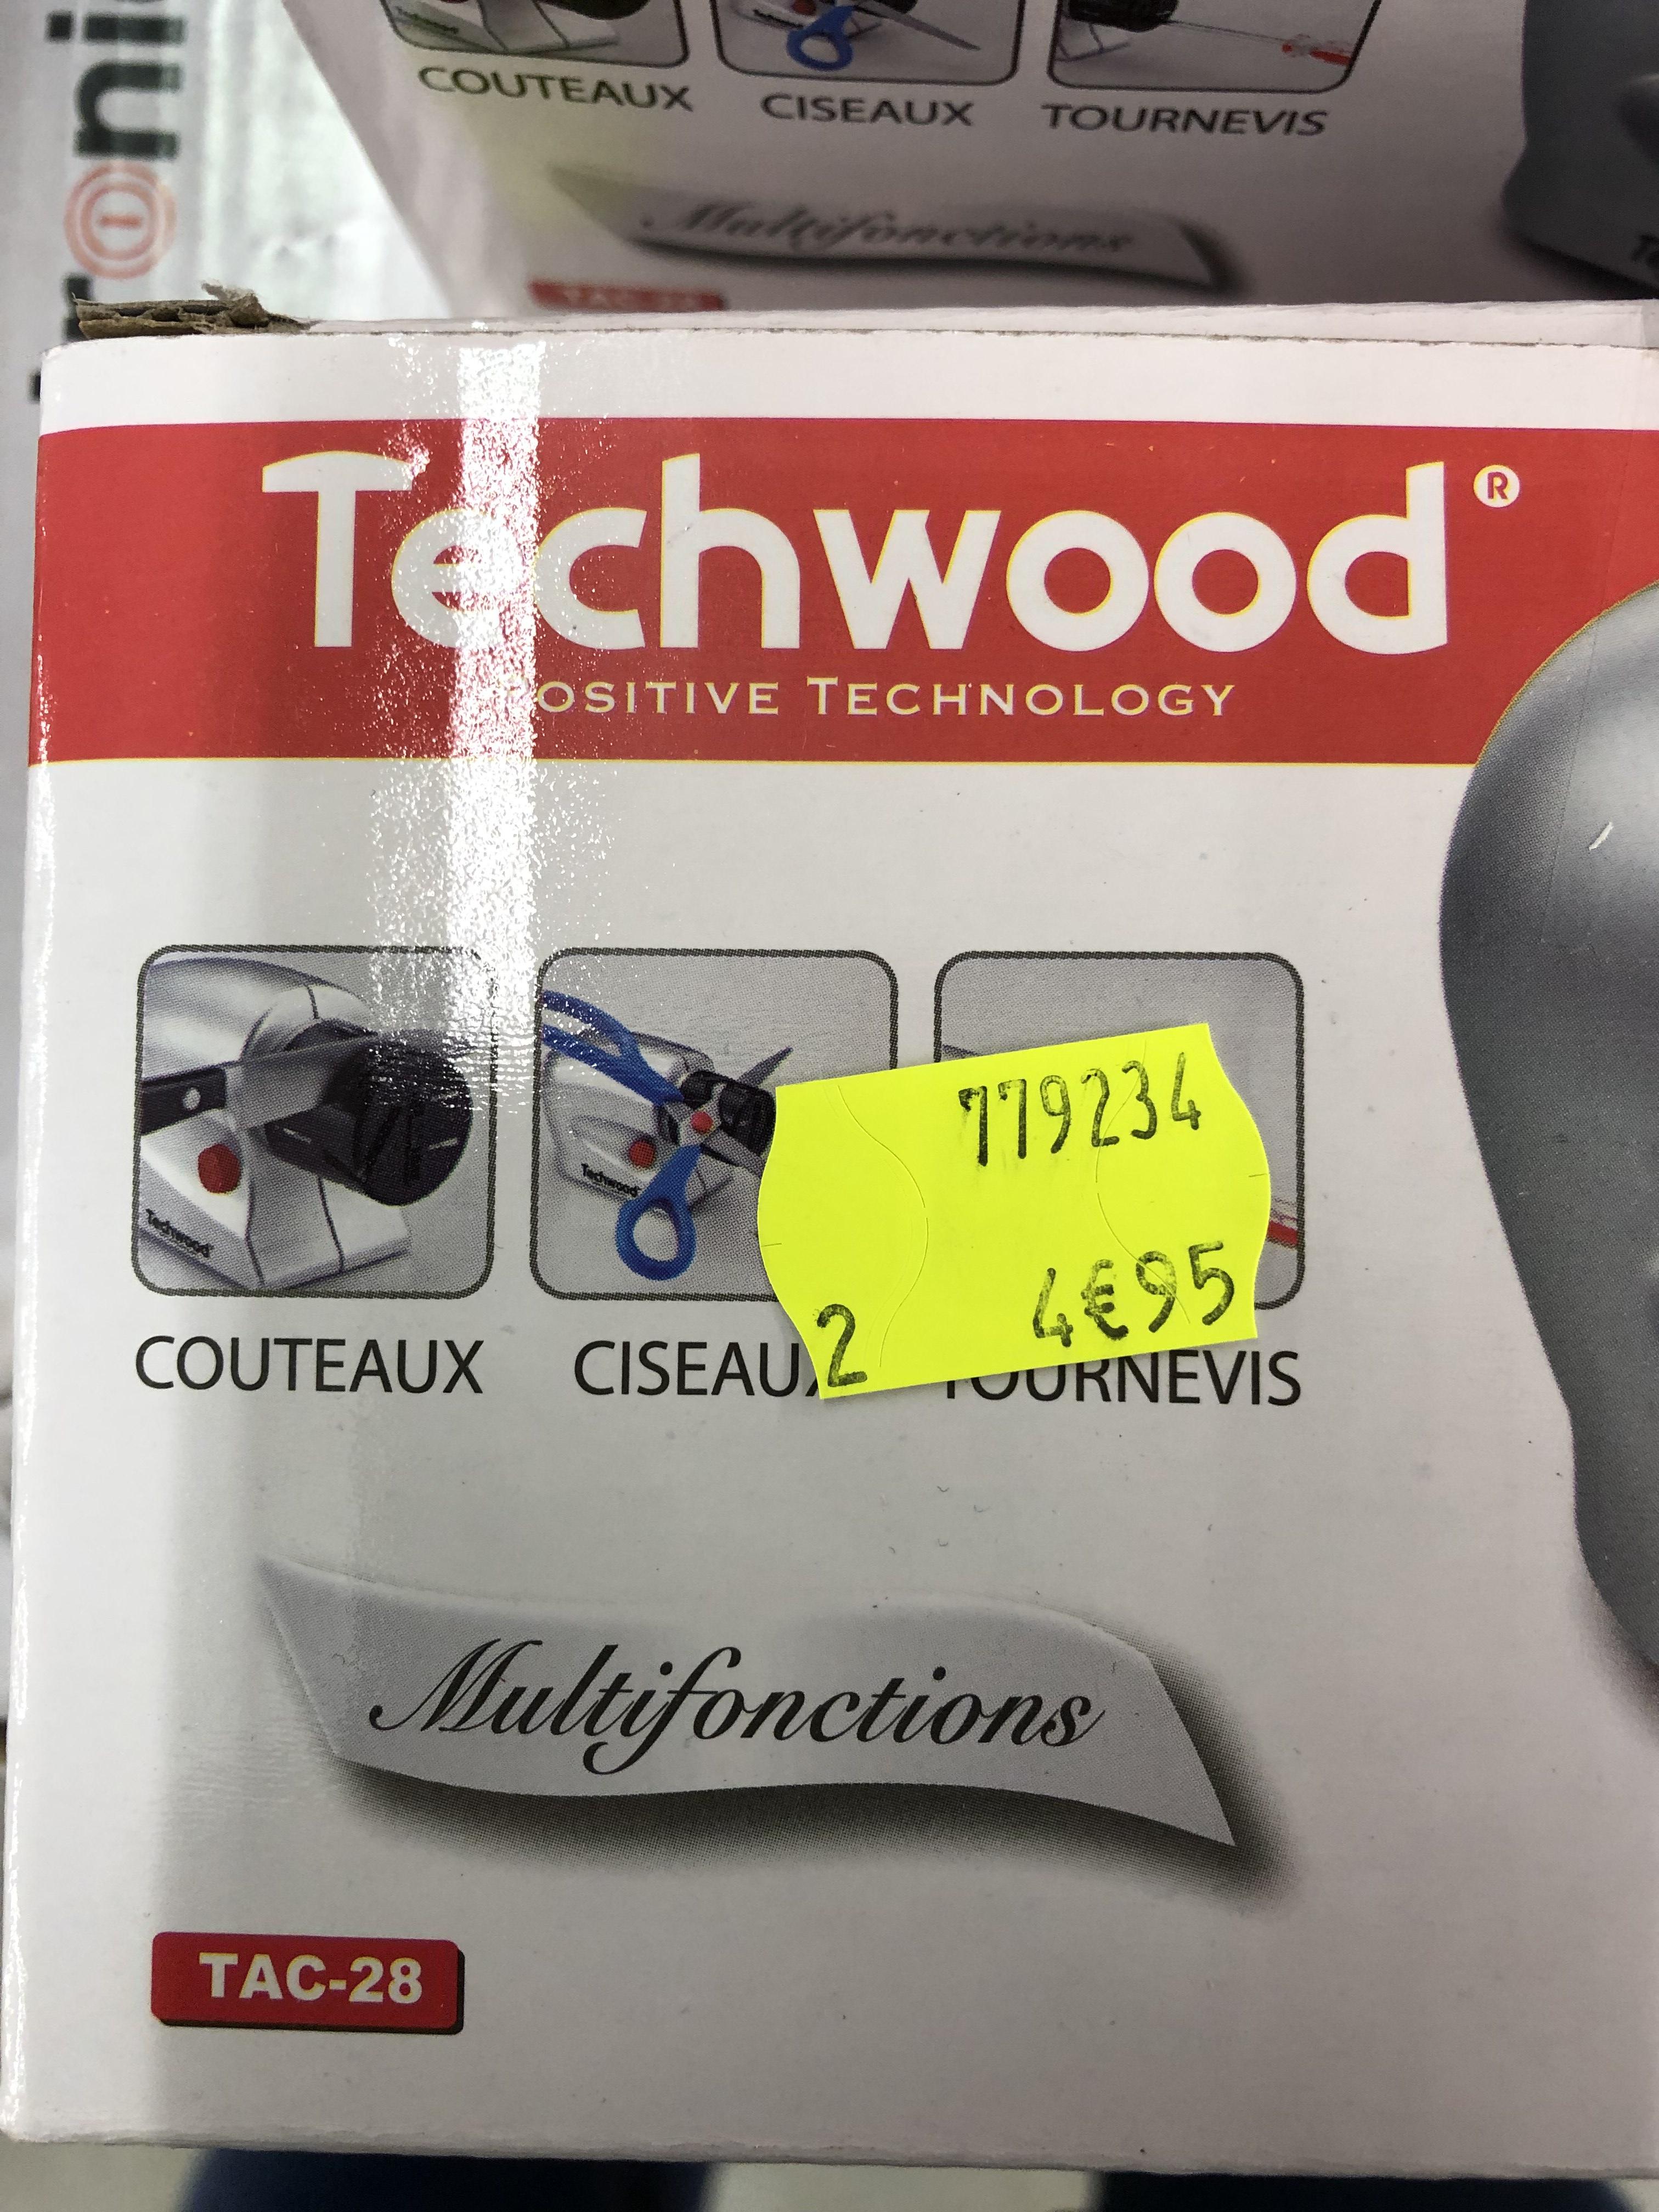 Sélection de produits en promotion - Ex: Aiguiseur multifonctions Techwood TAC-28 - Aucamville (31)